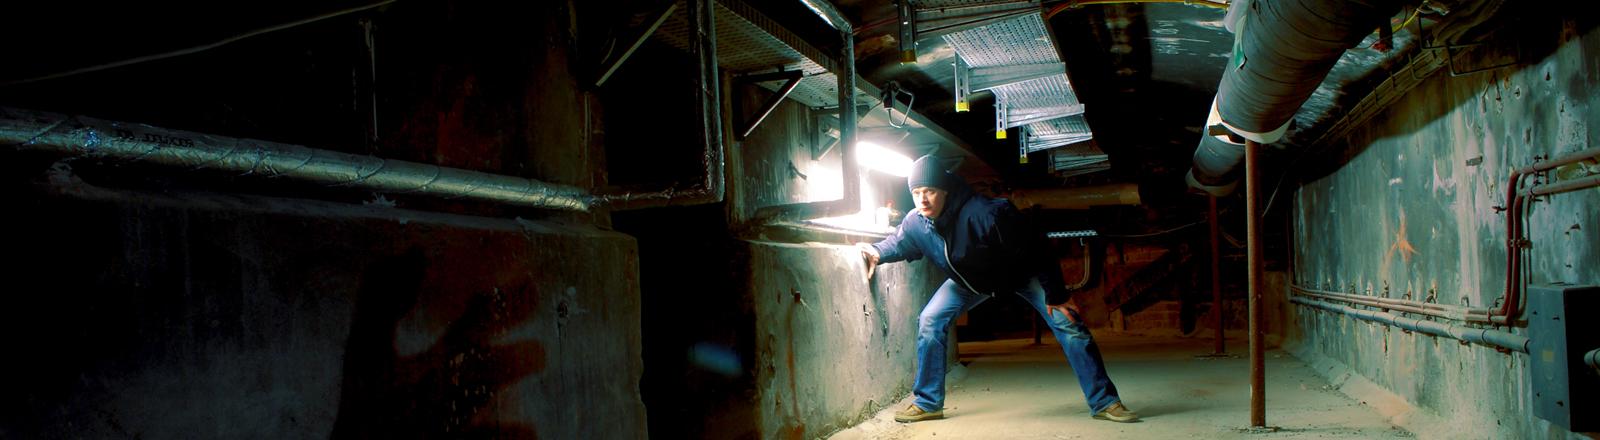 Mann in einem Kellergewölbe